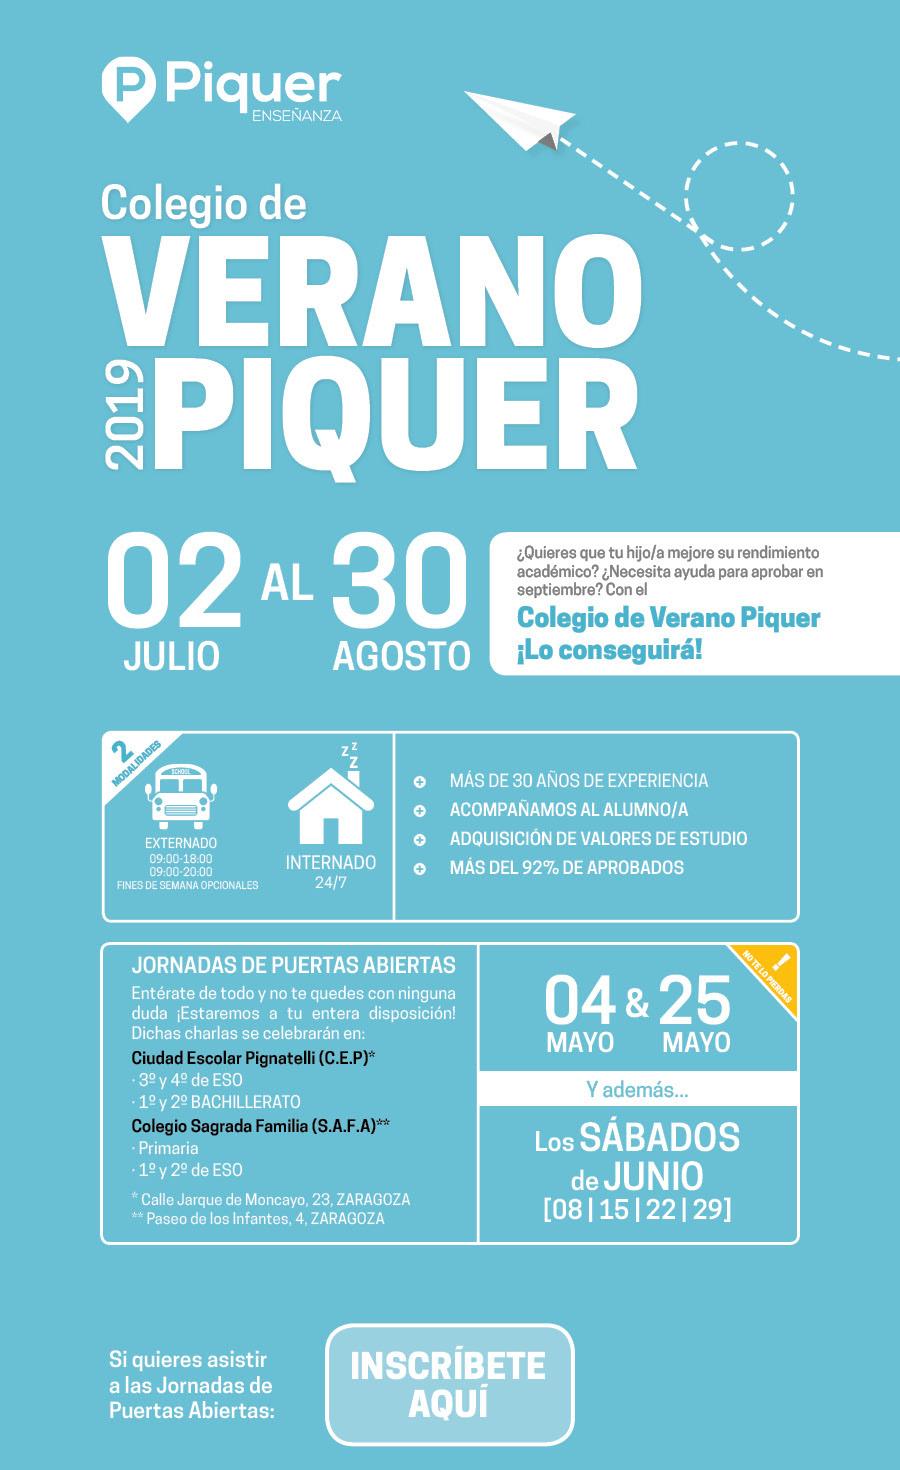 Colegio de Verano Piquer 2019